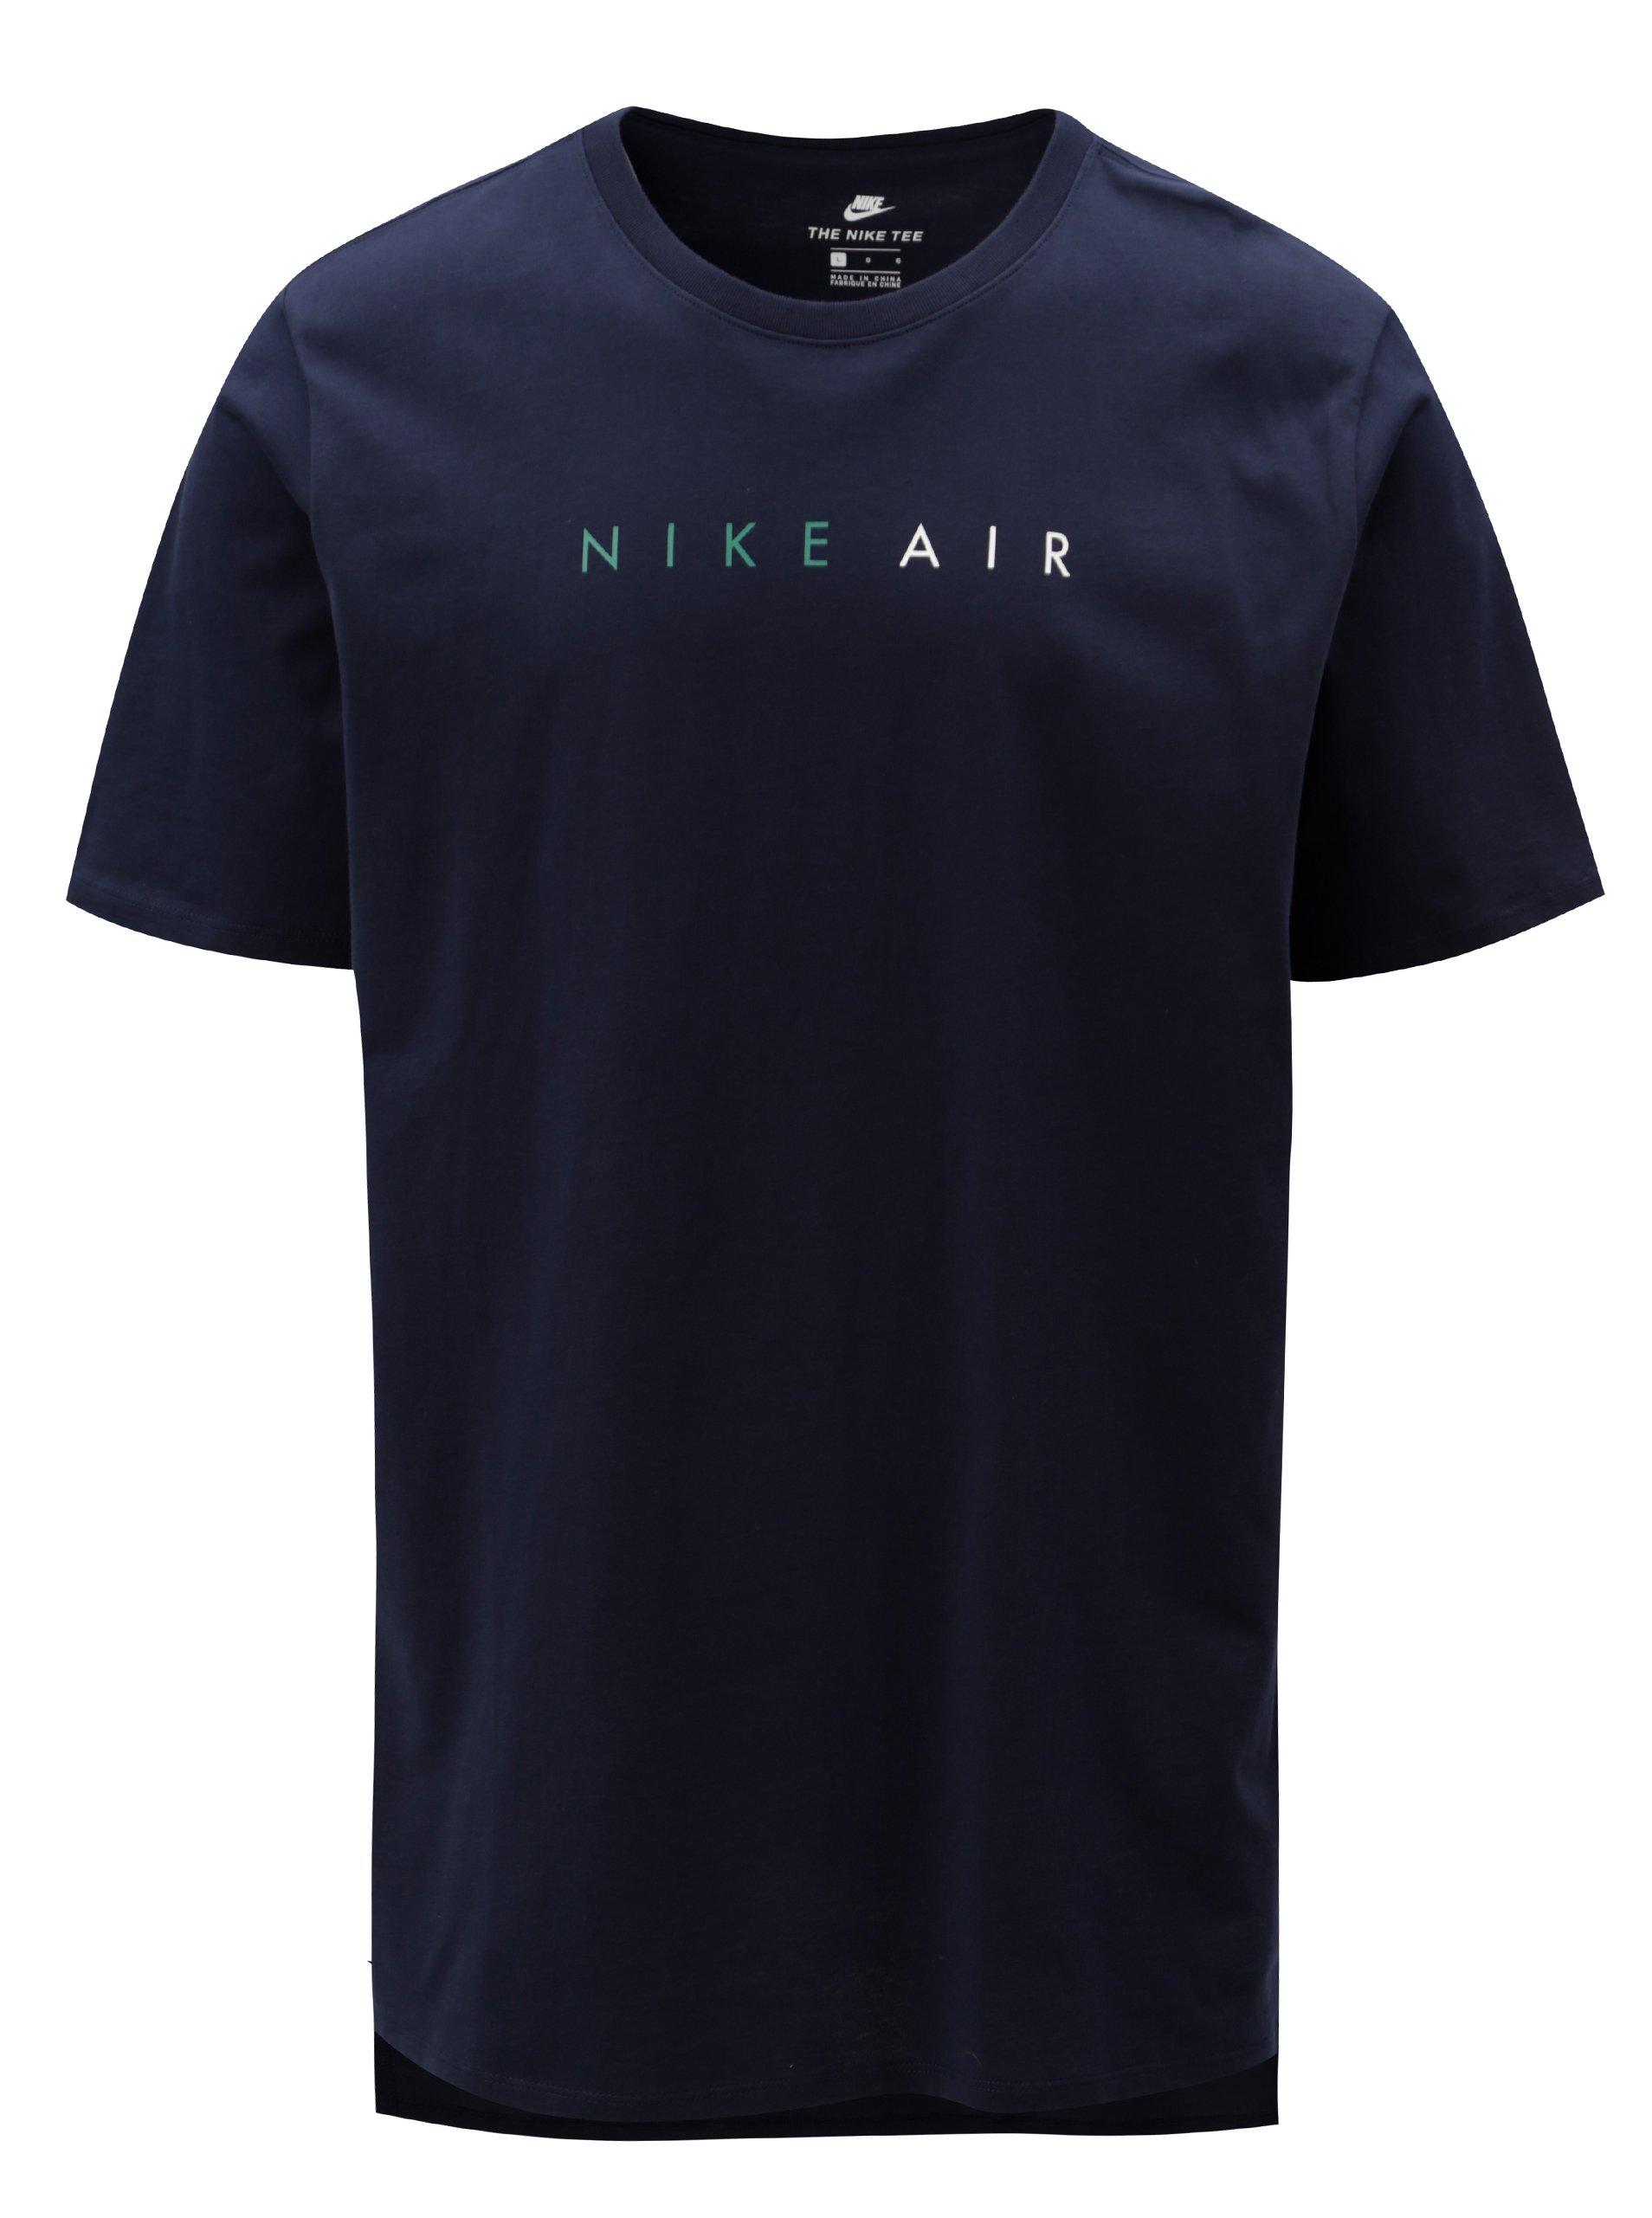 Fotografie Tmavě modré pánské tričko s krátkým rukávem a potiskem Nike